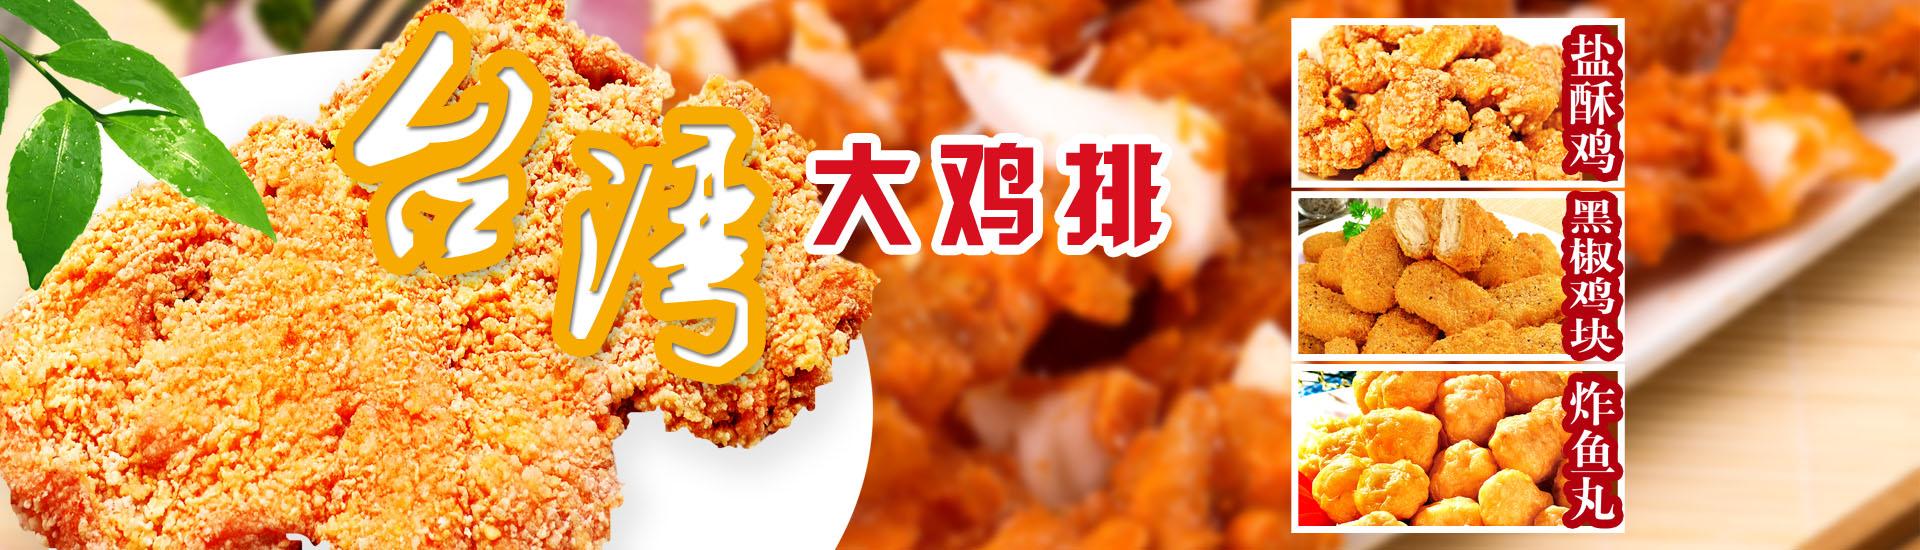 猎趣tv app下载猎趣tvapp食品有限公司